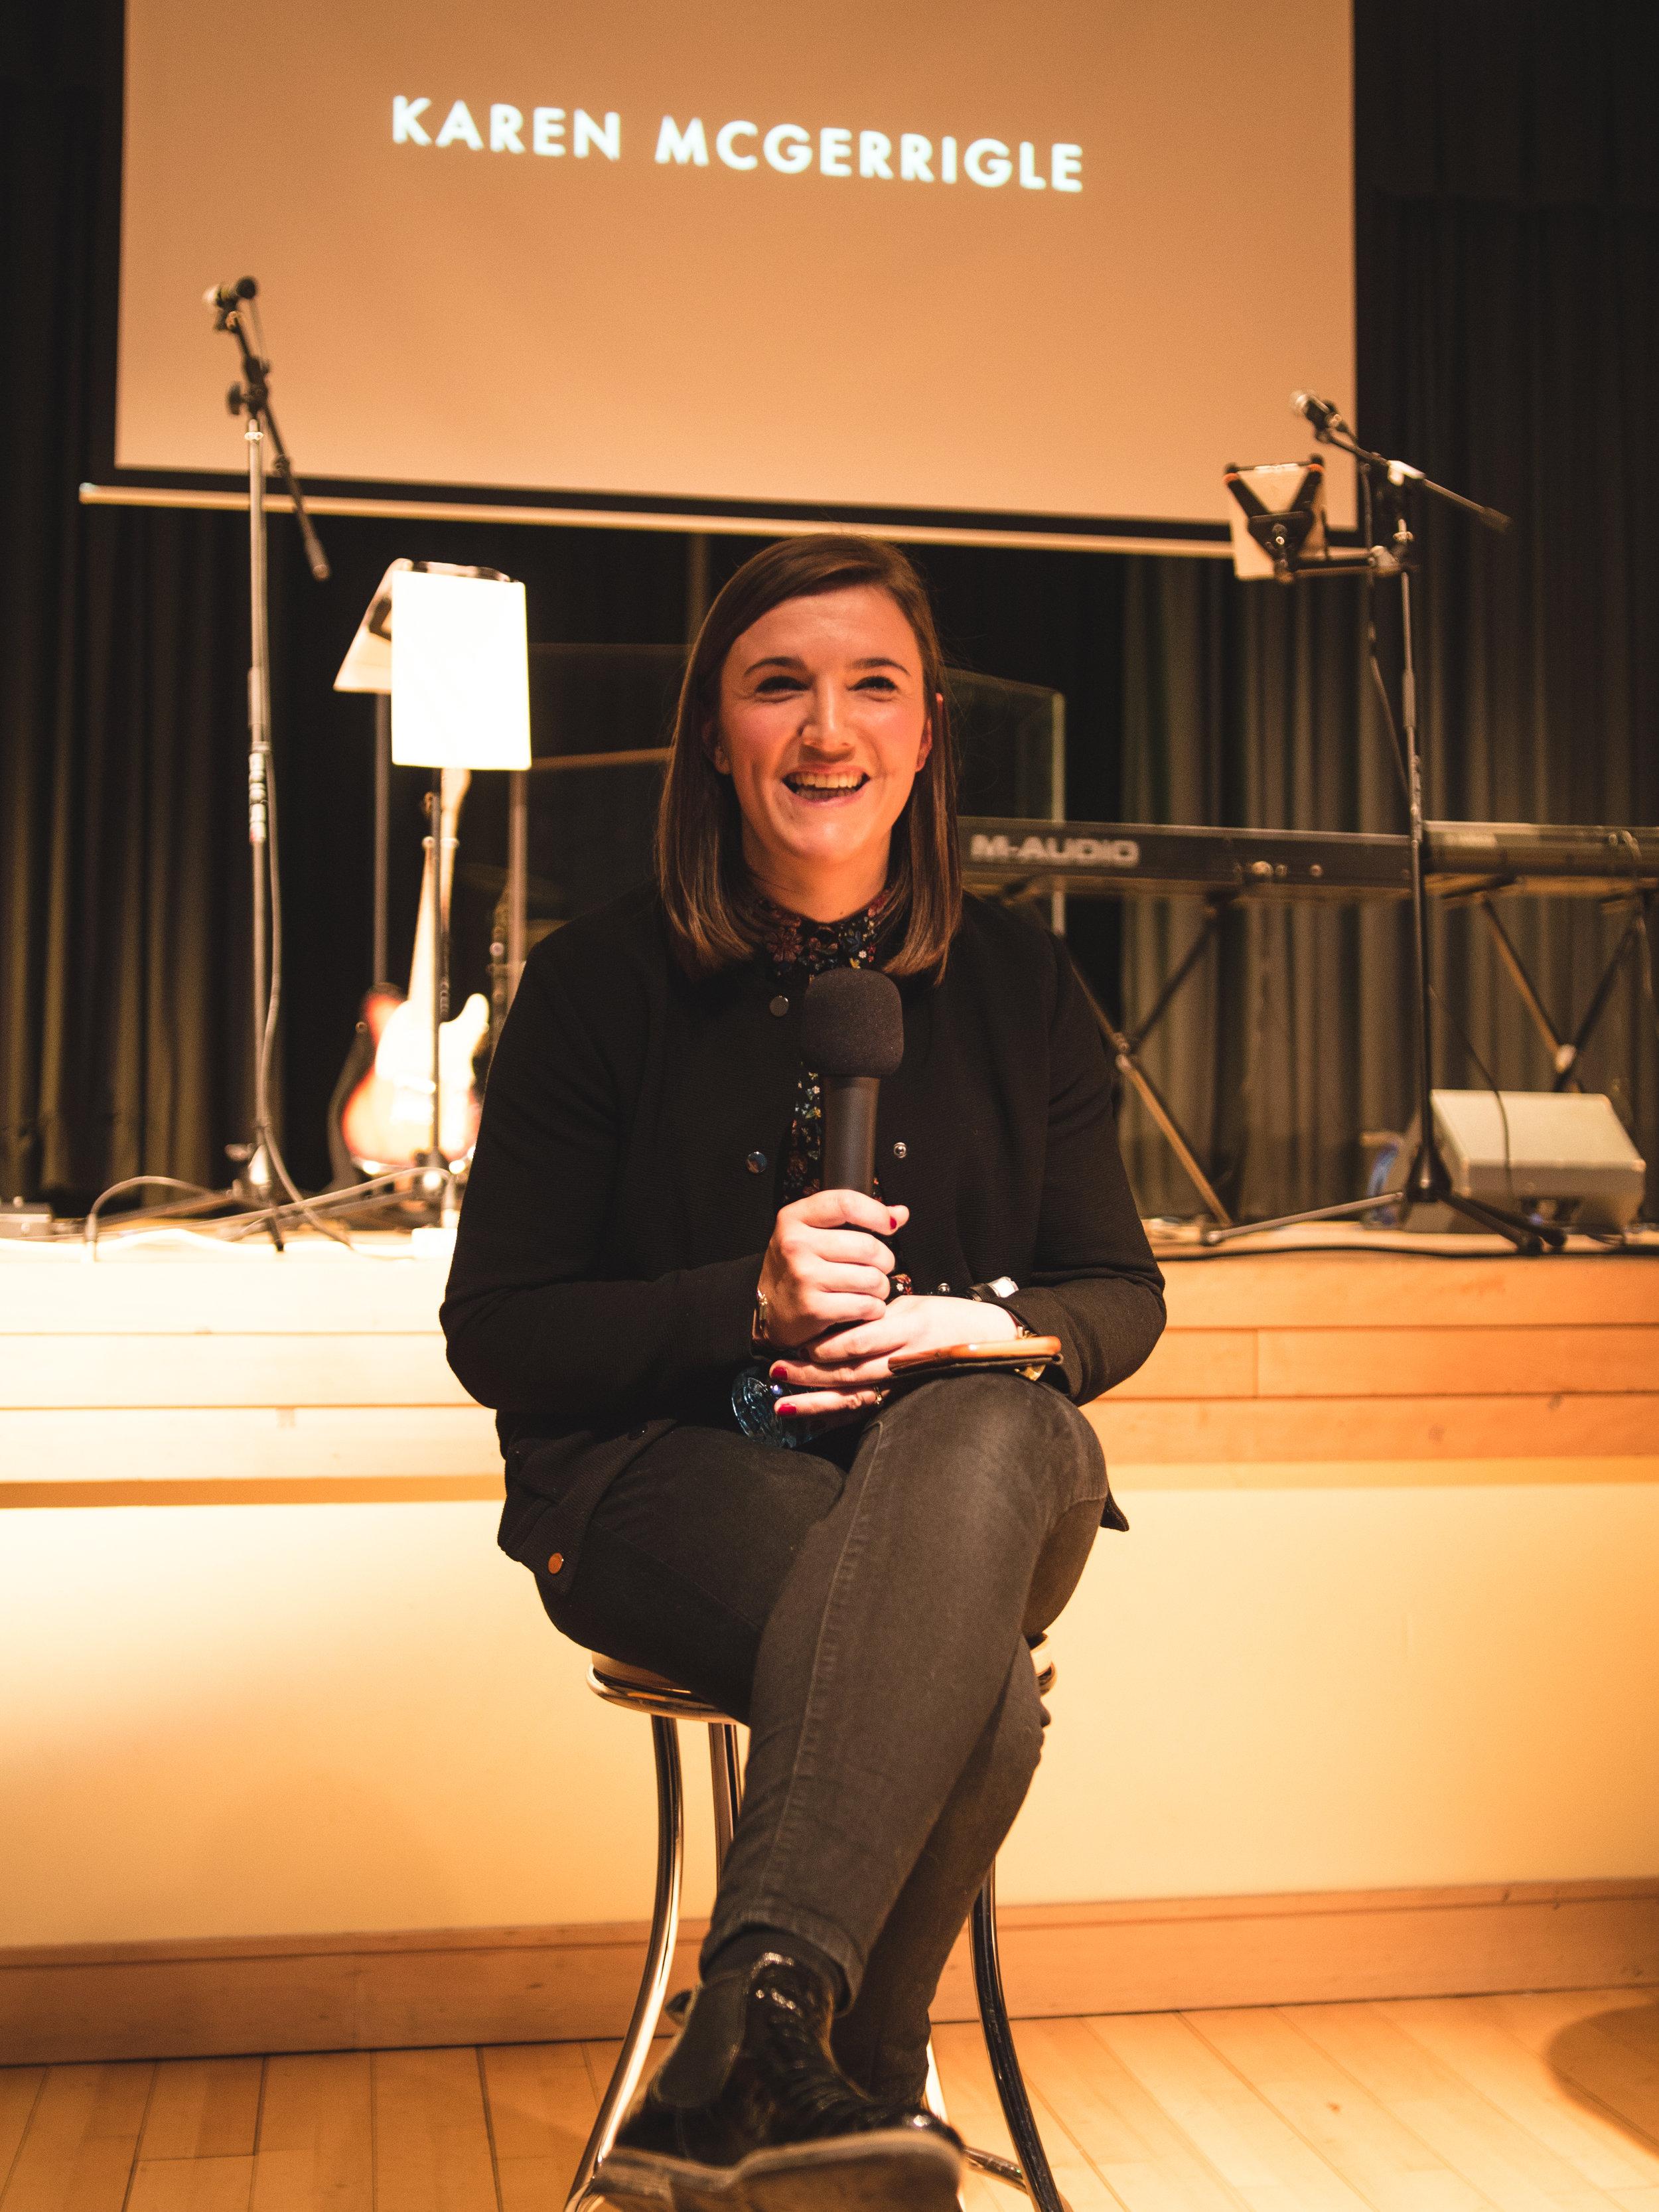 Karen McGerrigle